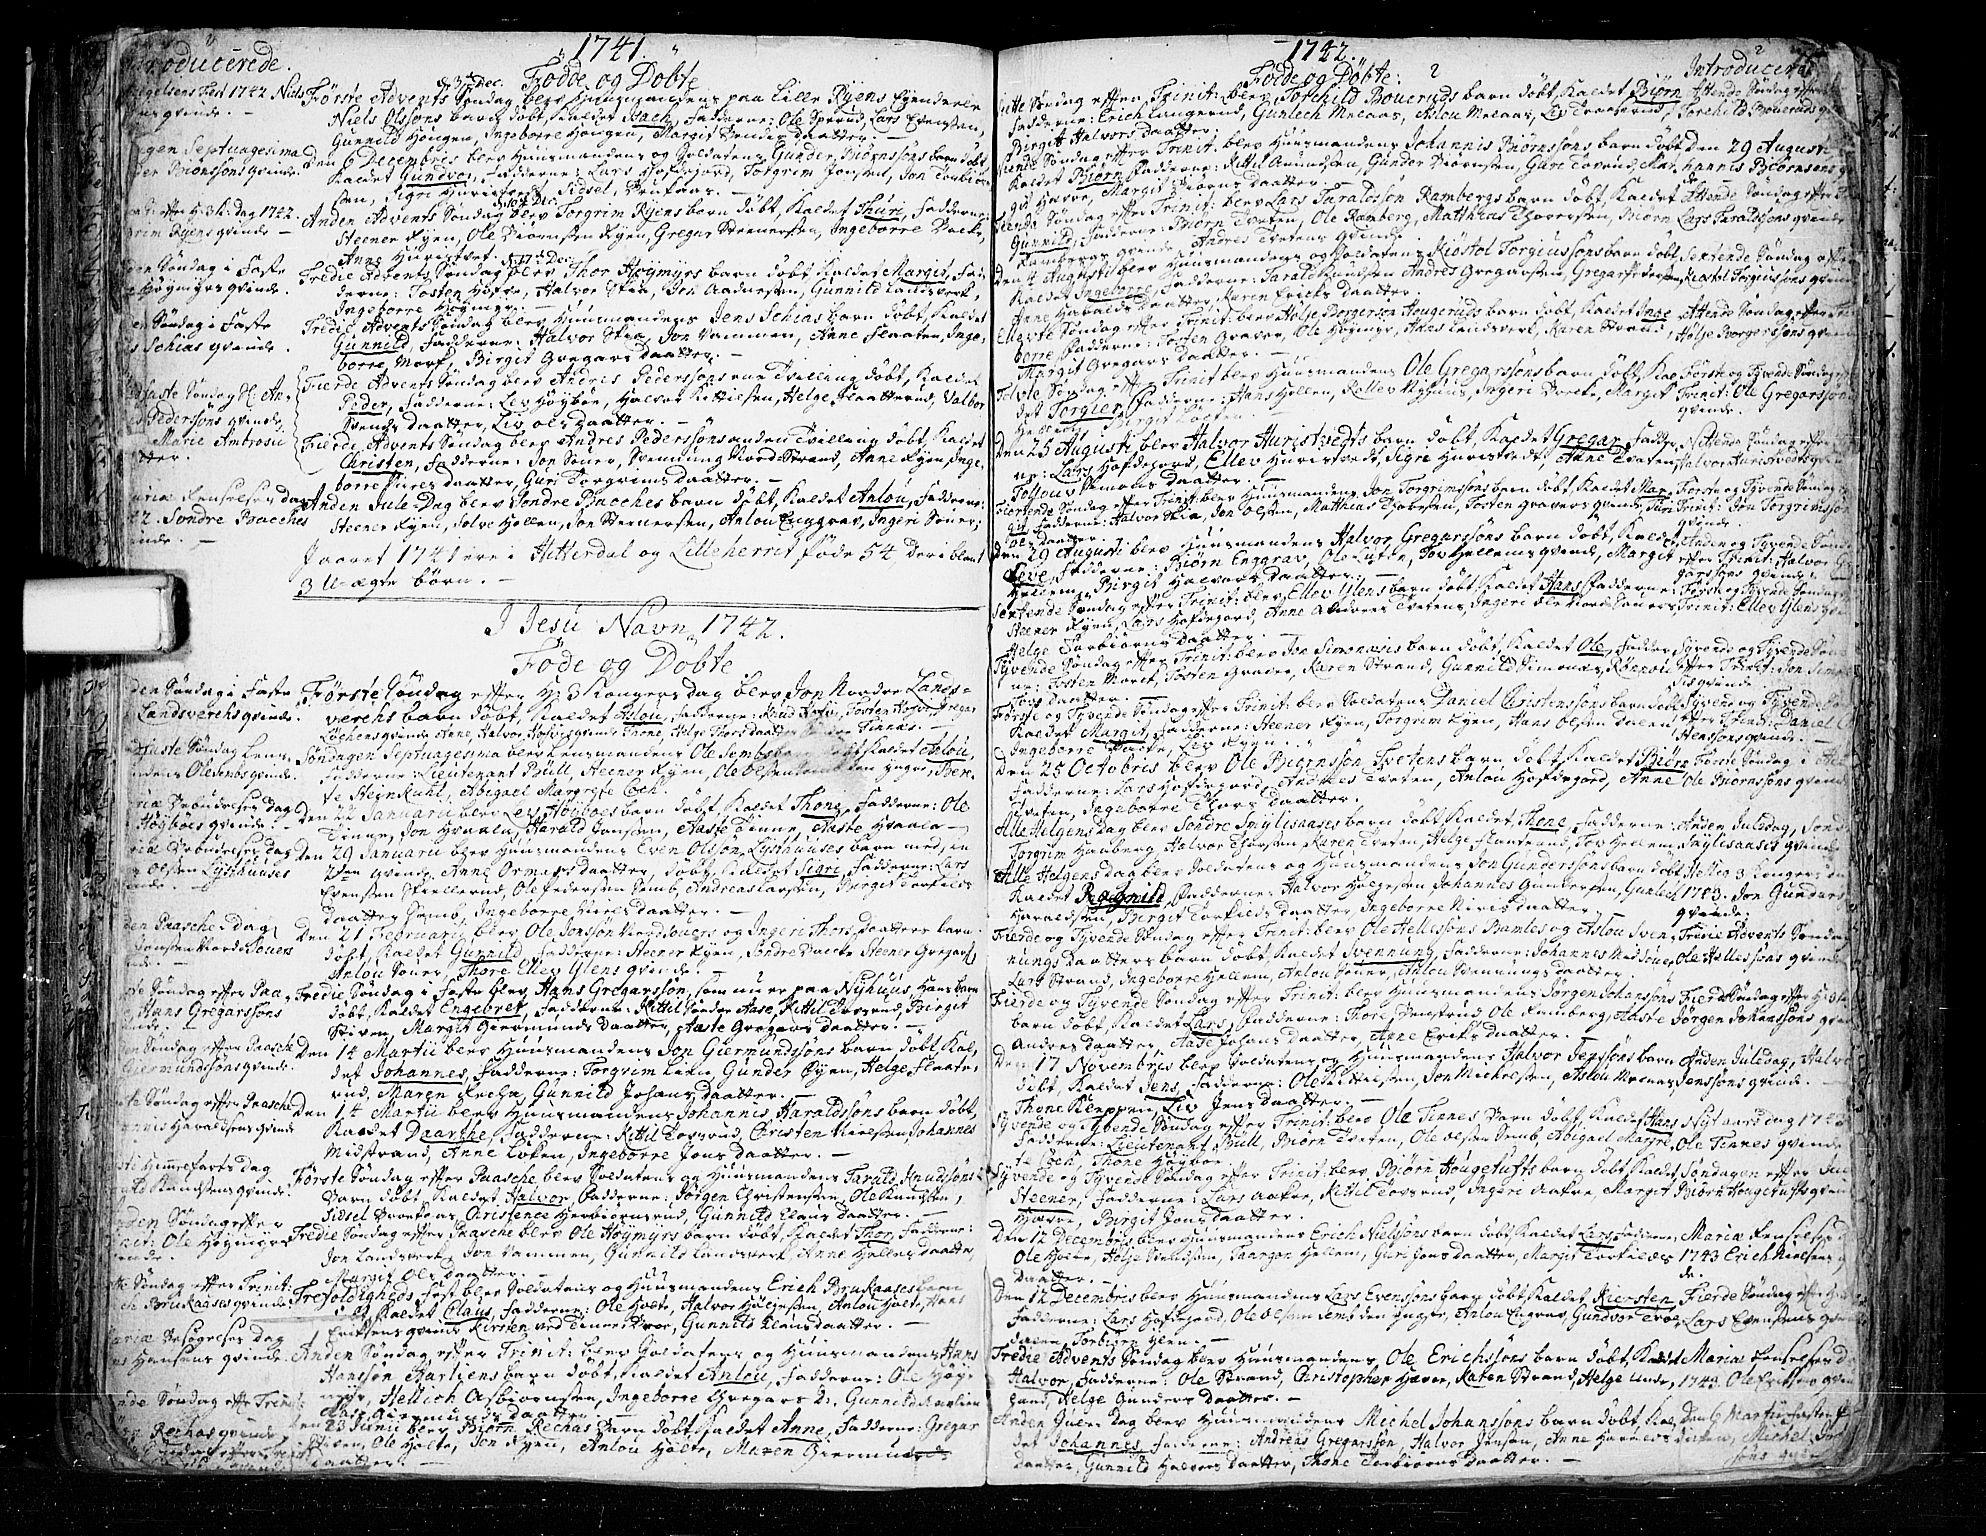 SAKO, Heddal kirkebøker, F/Fa/L0003: Ministerialbok nr. I 3, 1723-1783, s. 75